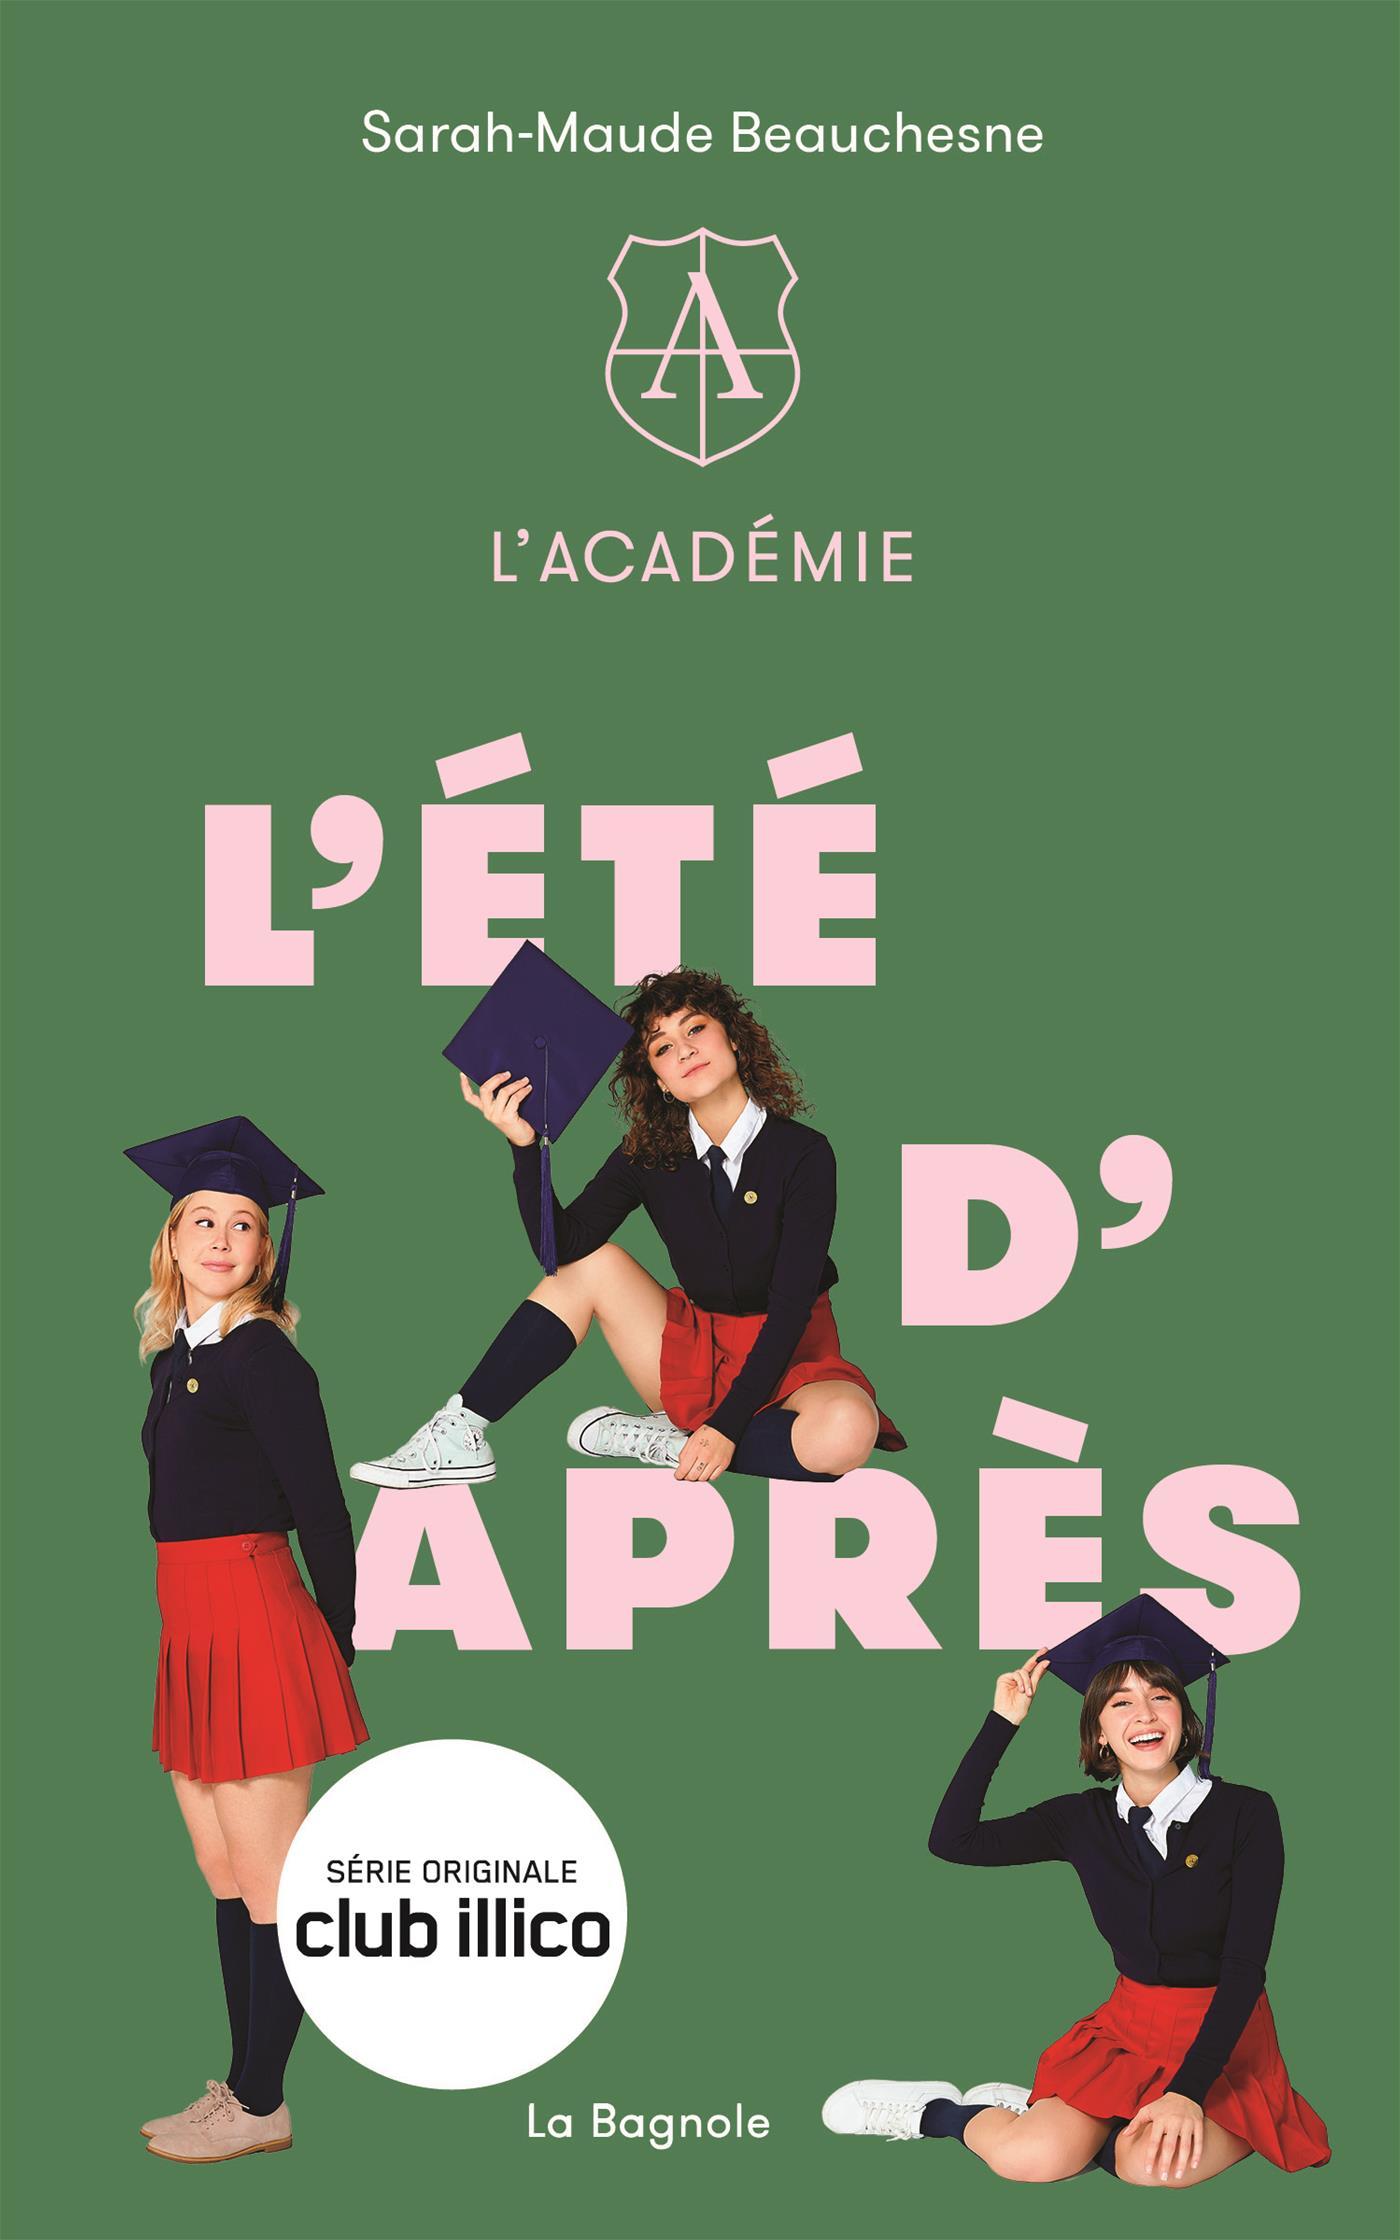 L'Académie 2